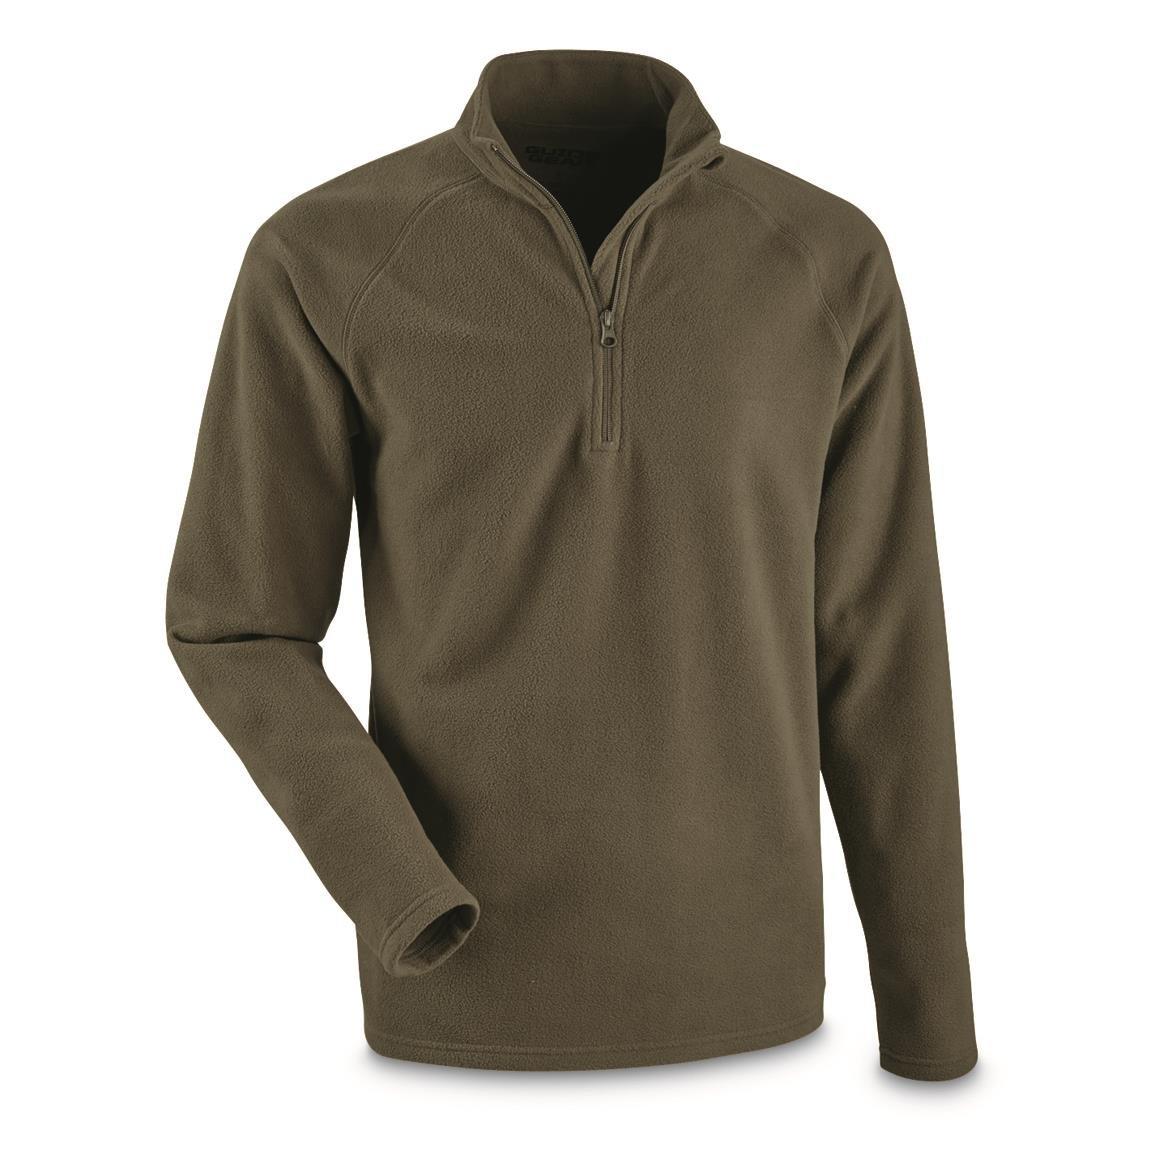 Olive Brown XL Guide Gear Mens Heavyweight Fleece Base Layer Quarter Zip Top